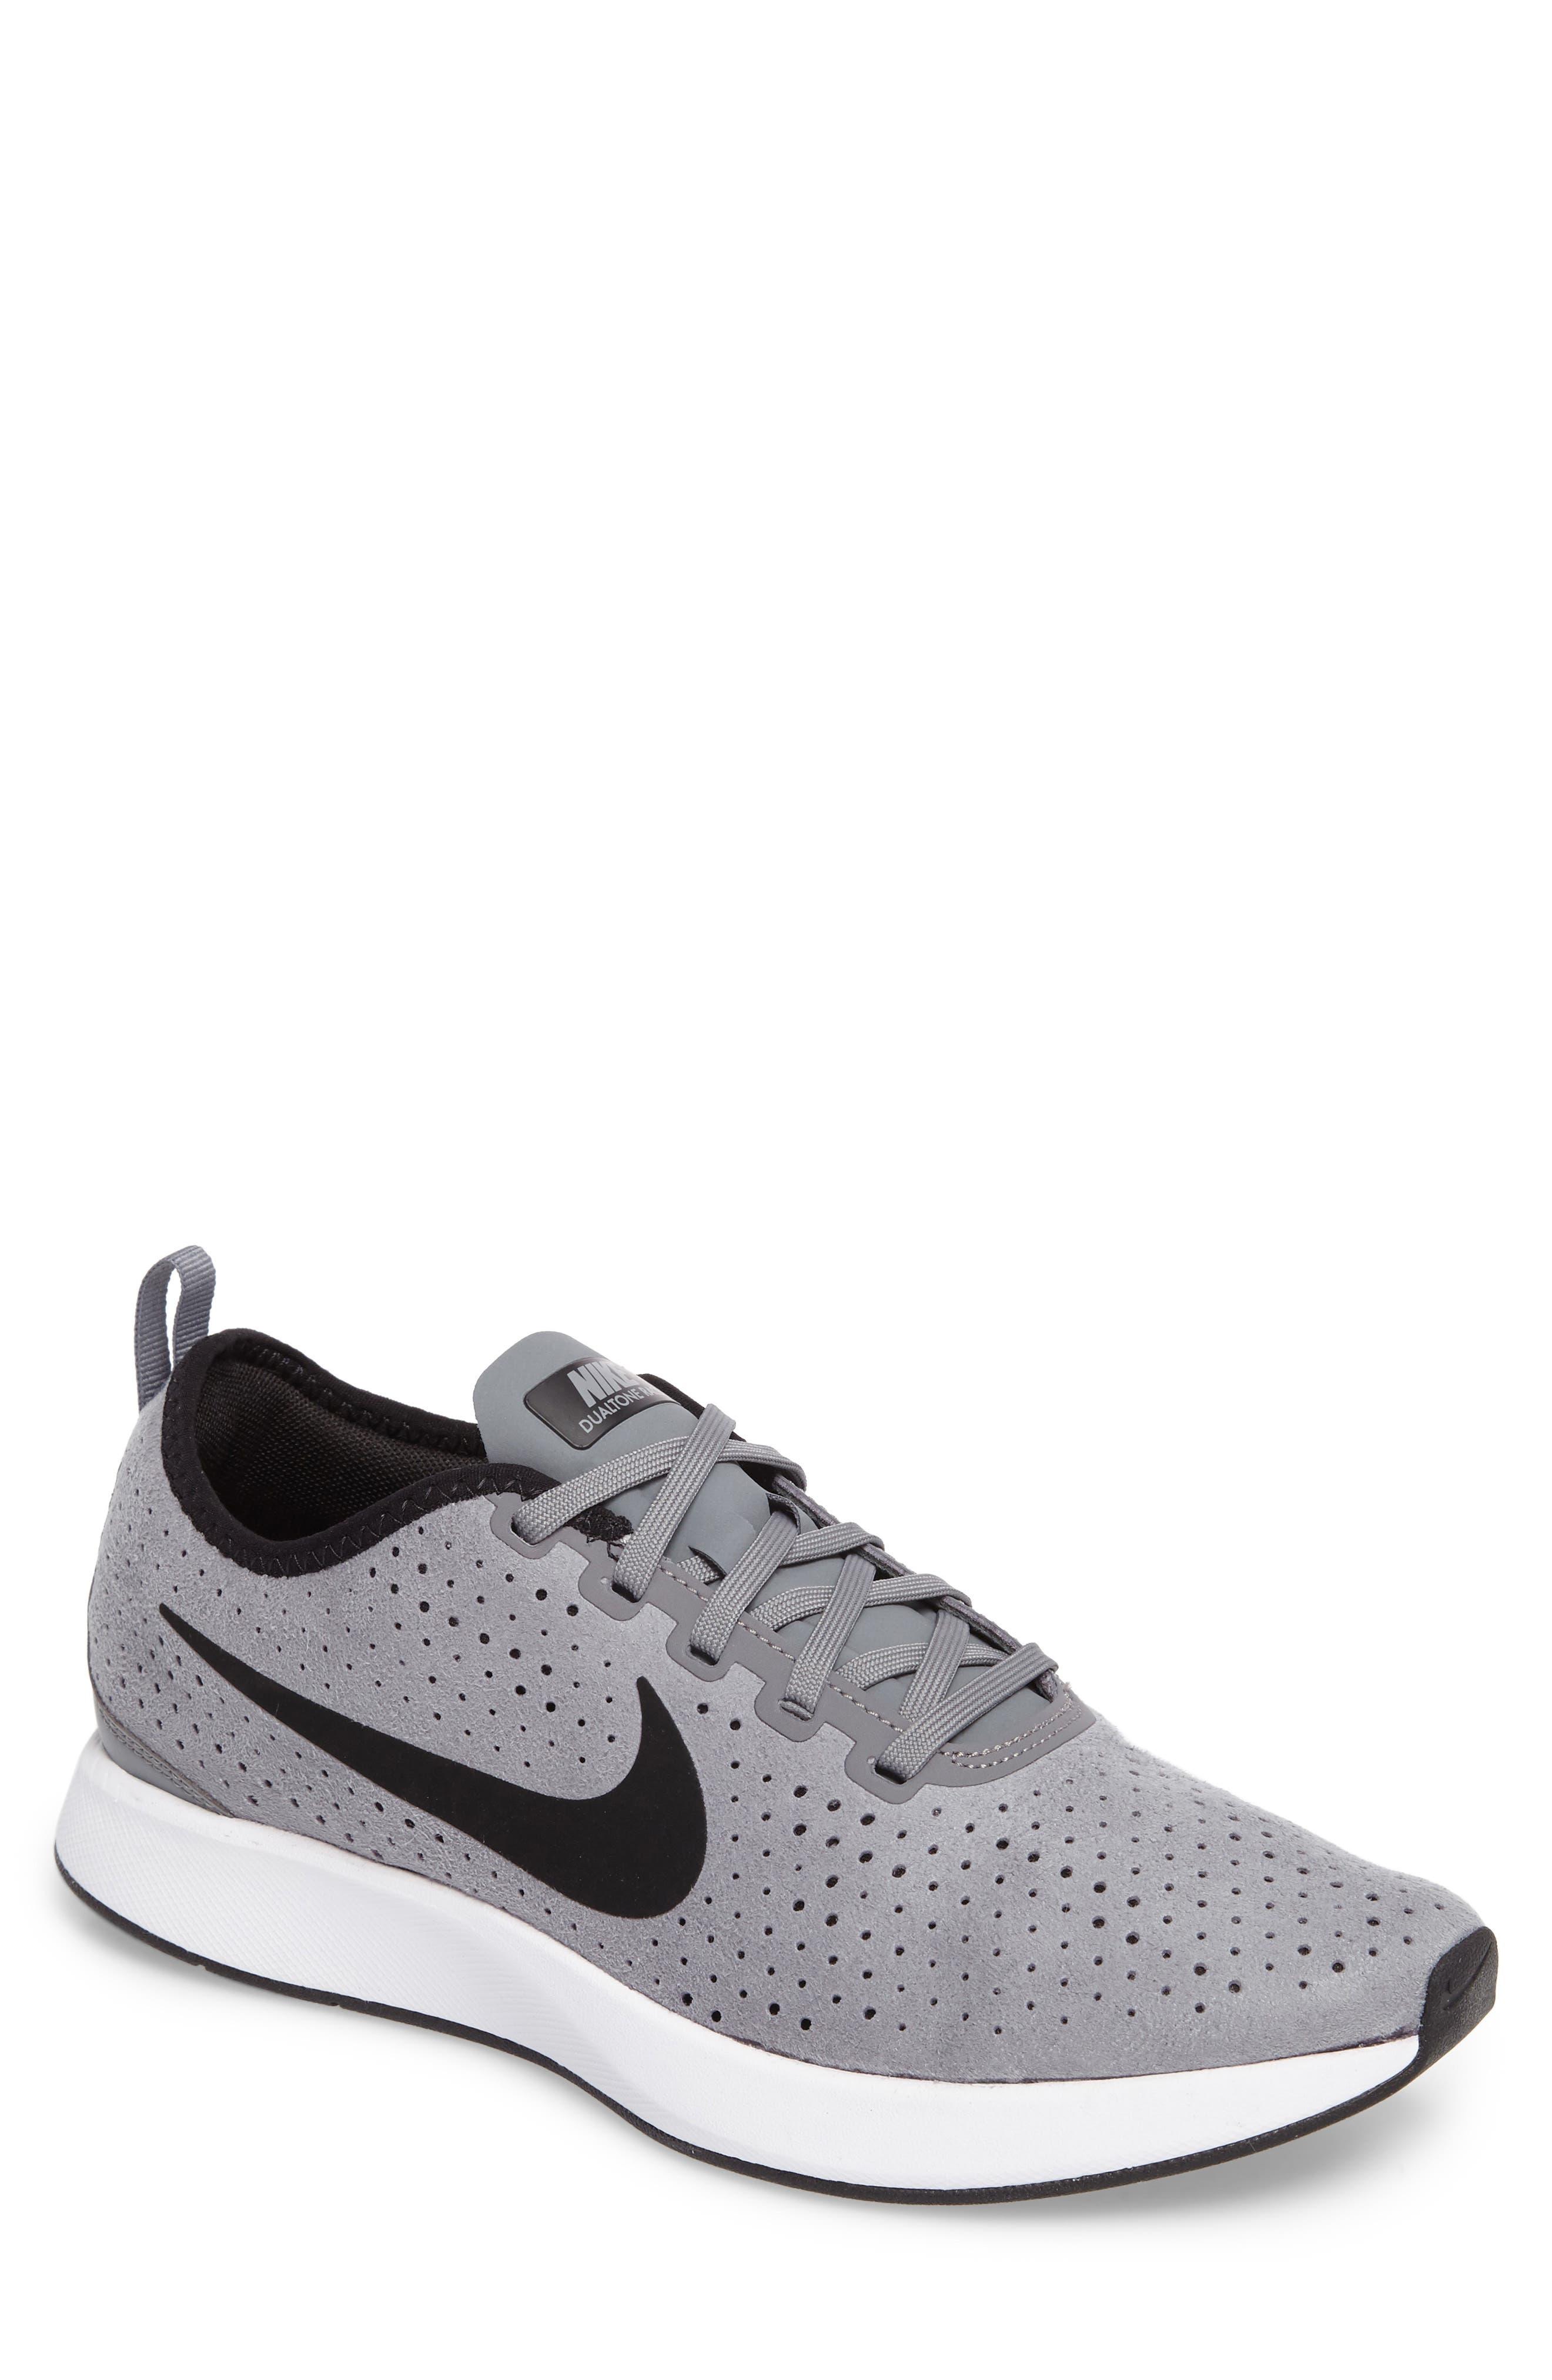 Alternate Image 1 Selected - Nike Dualtone Racer Premium Sneaker (Men)